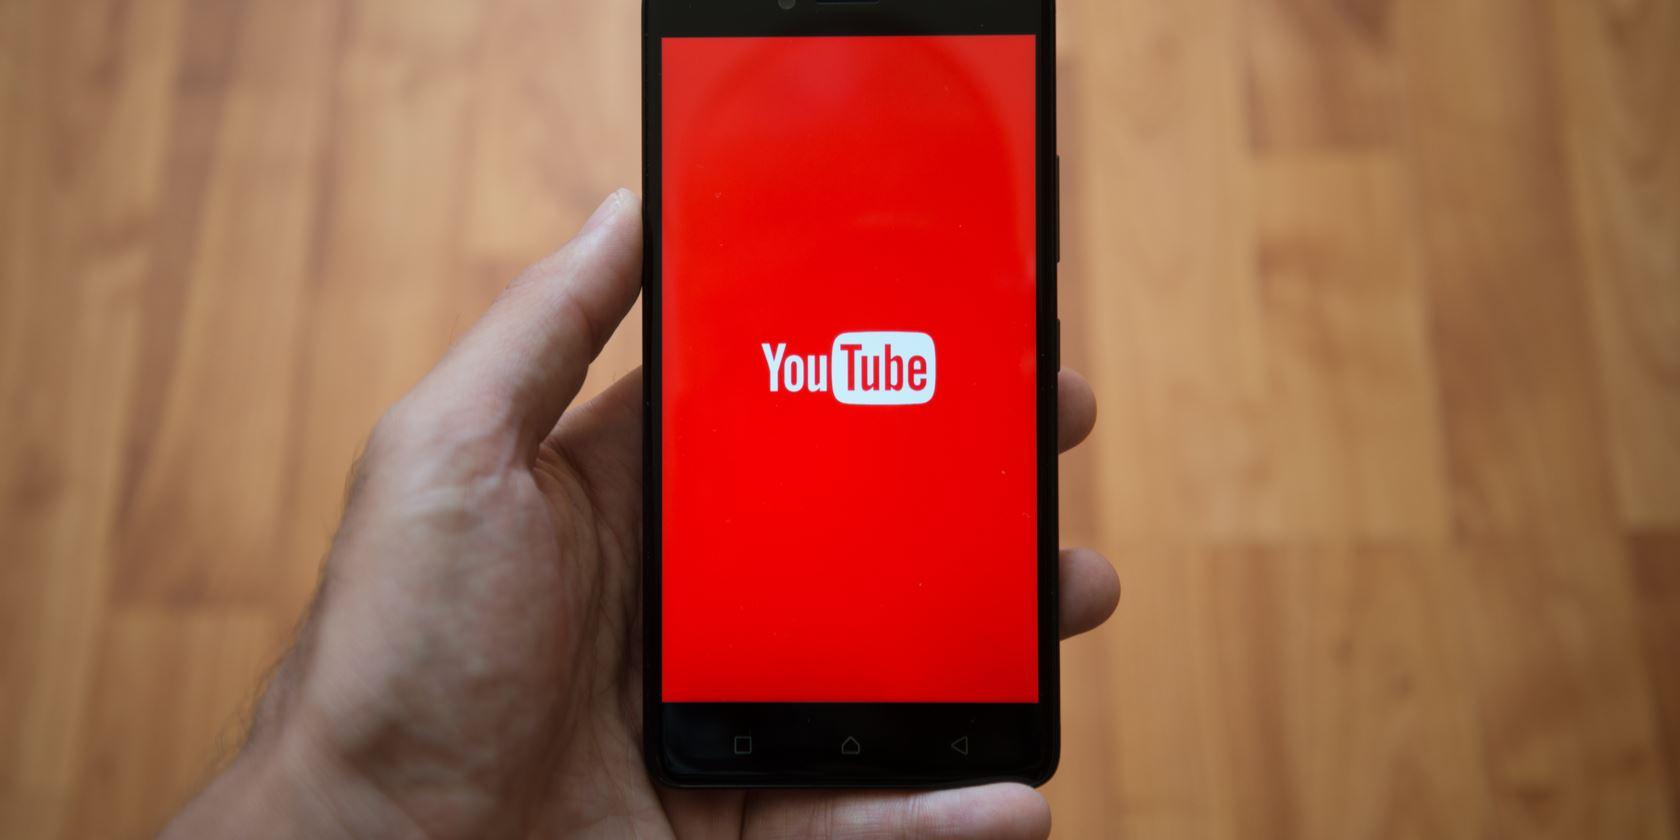 Chế độ ẩn danh mới của Youtube sẽ cho phép bạn xem video mà...